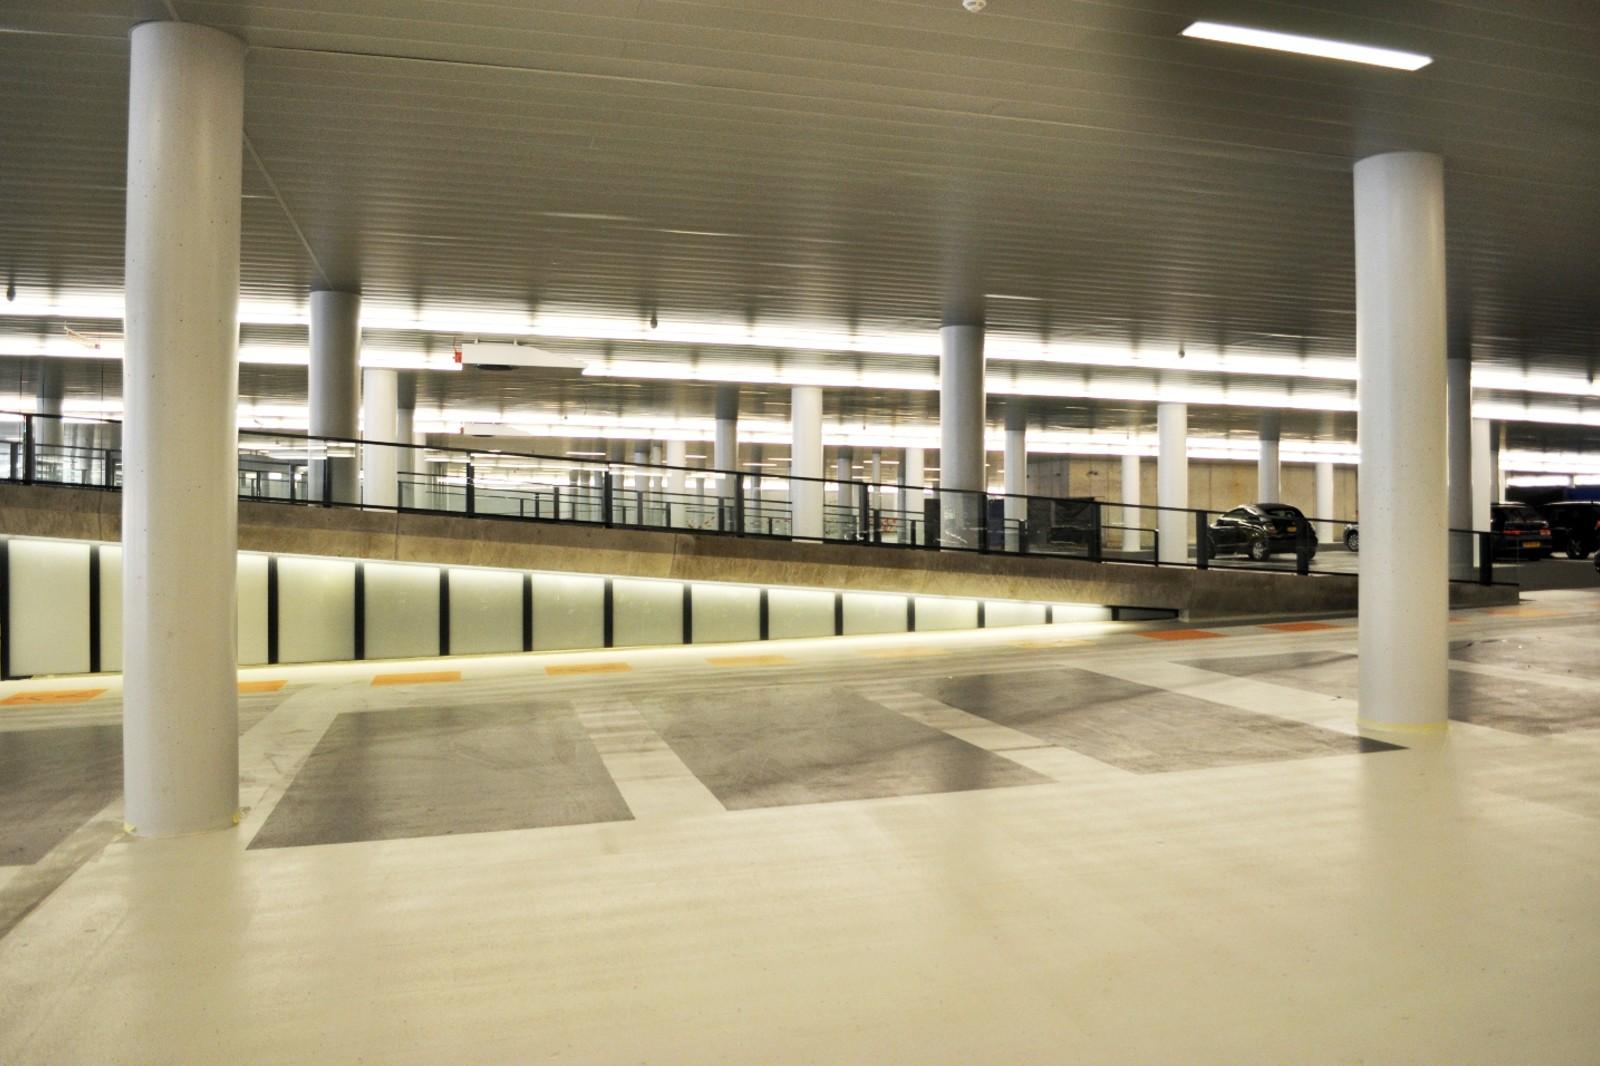 طراحی داخلی پارکینگ مدرن به چه شکلی است؟